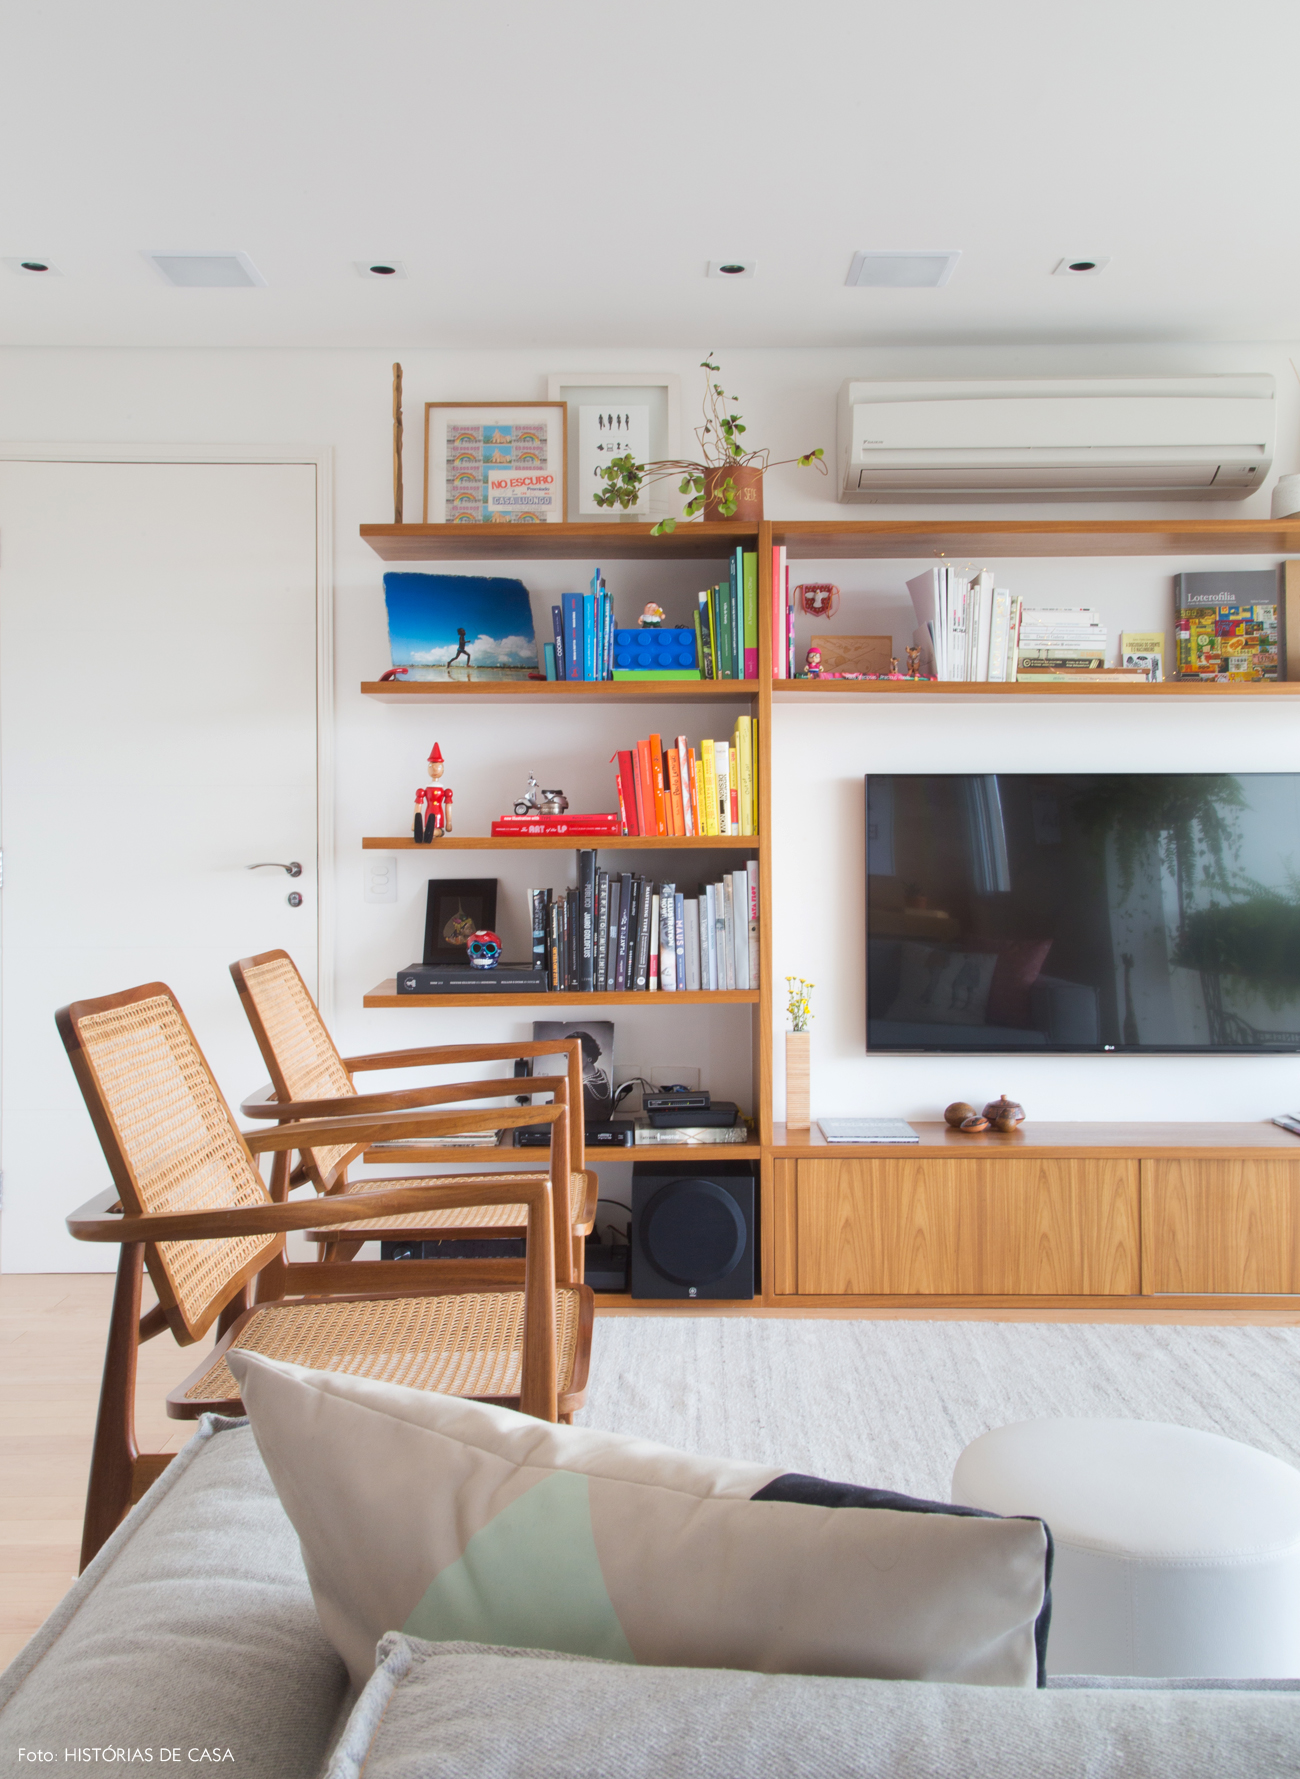 01-decoracao-apartamento-integrado-marcenaria-sala-estar-estante